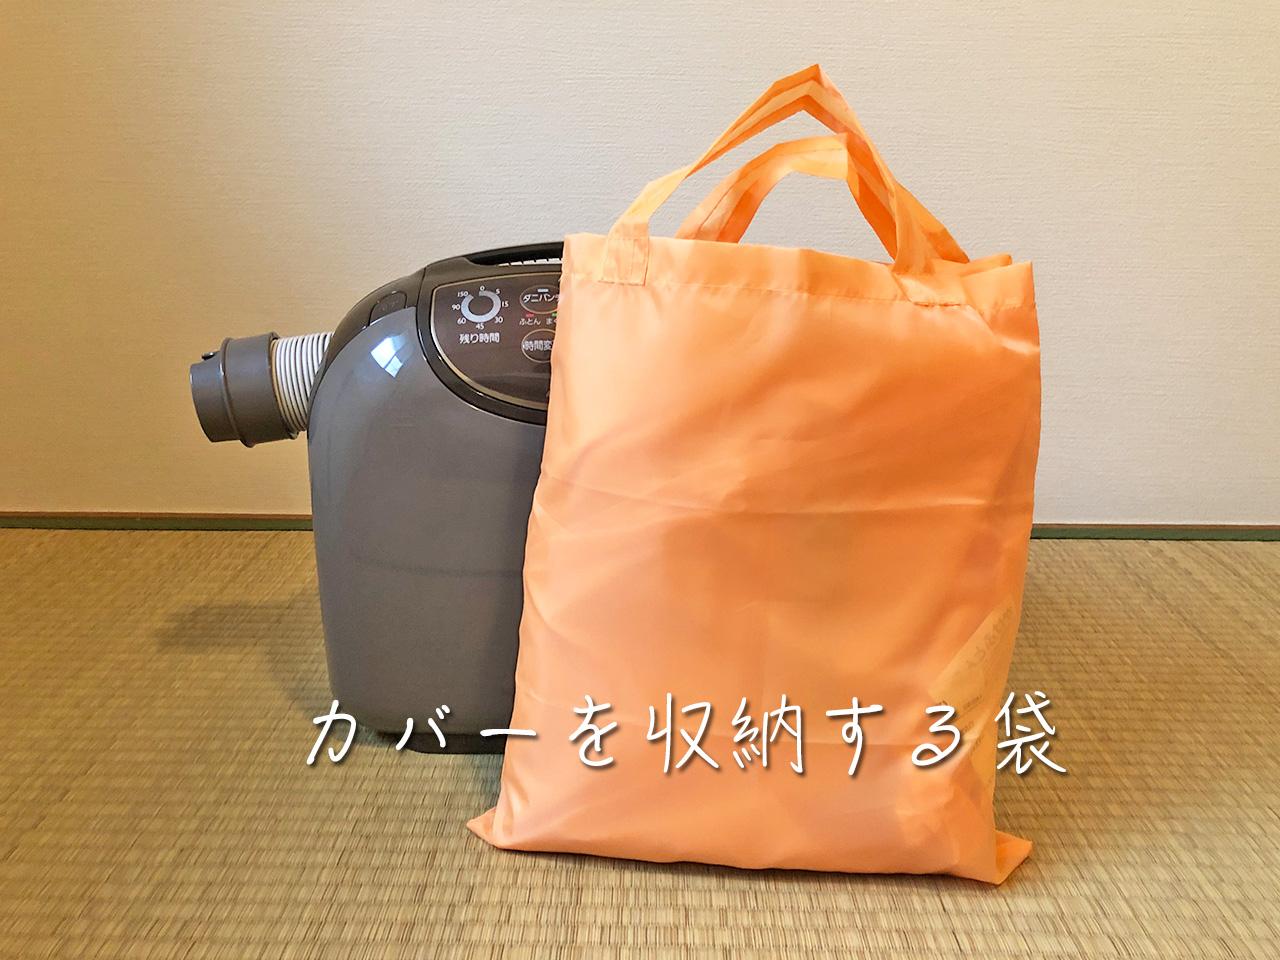 カバーを収納する袋